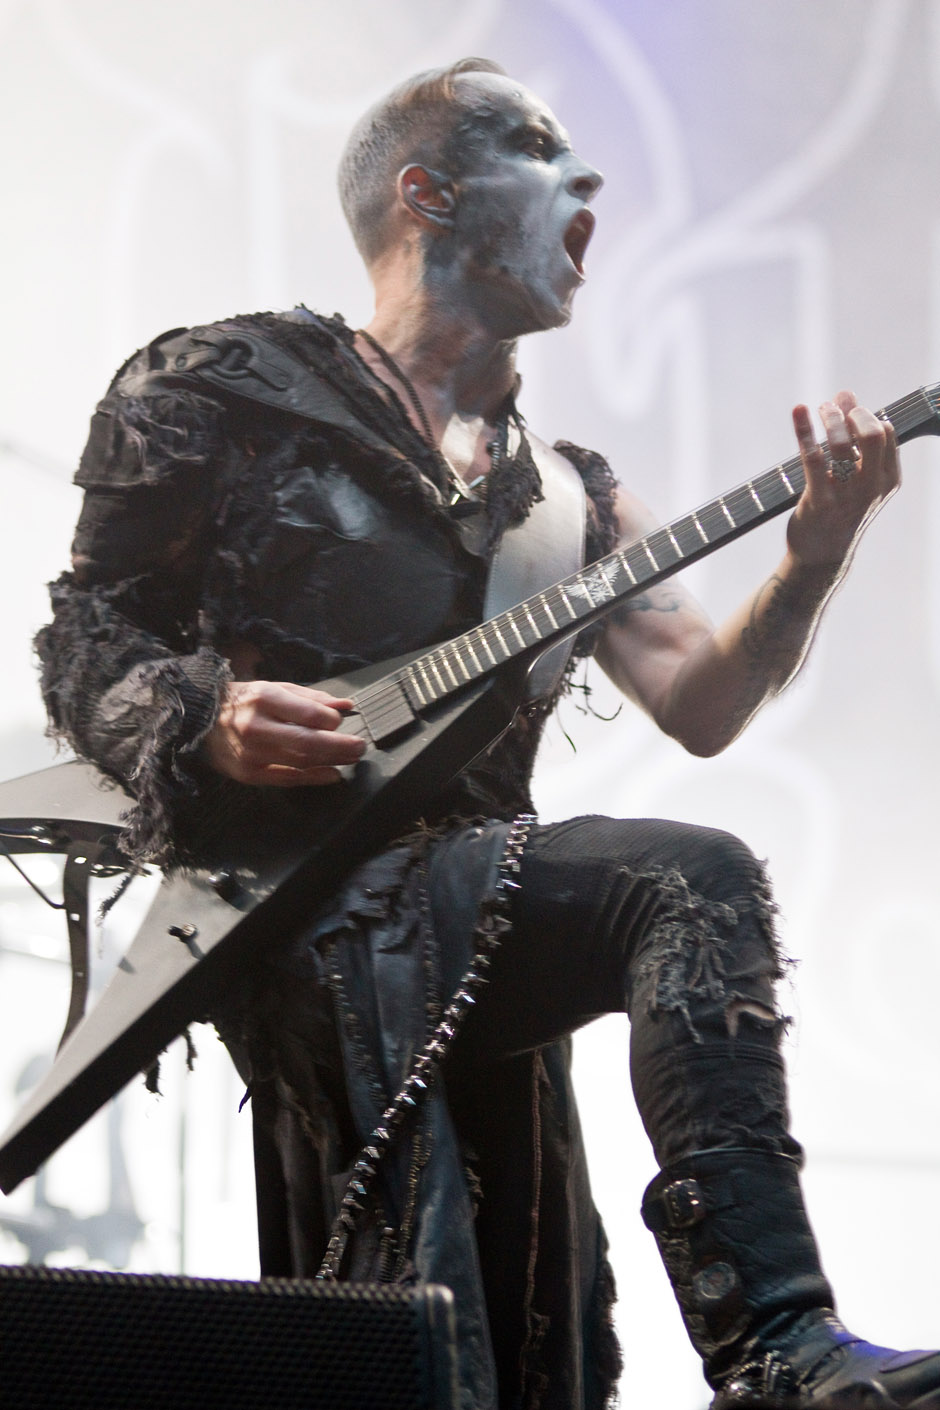 Behemoth live, Summer Breeze 2012